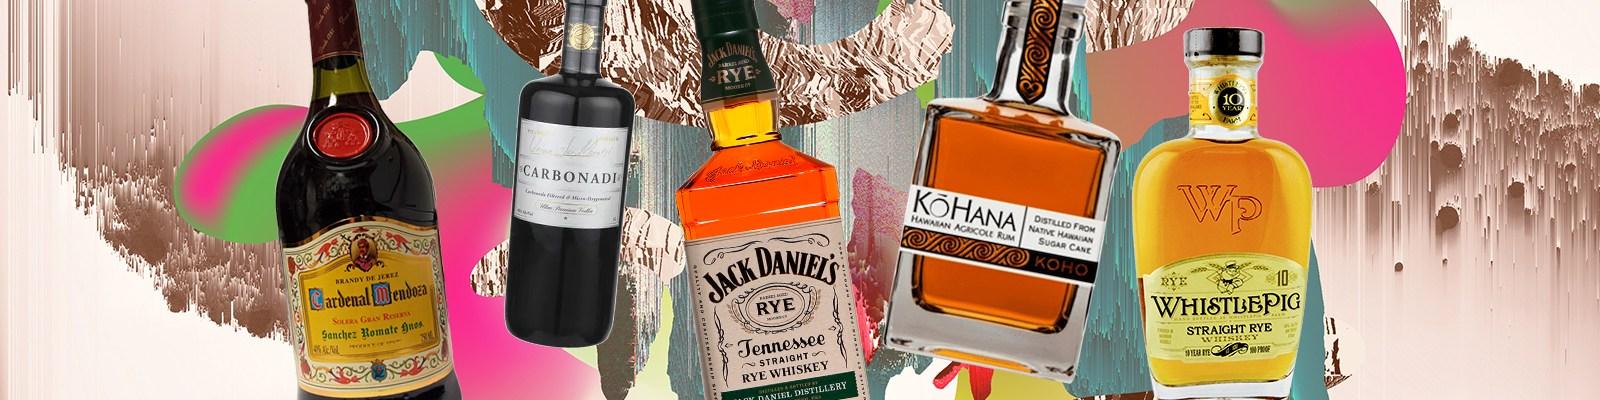 The Best Whiskies, Rums, And Brandies That We've Tasted In Quarantine